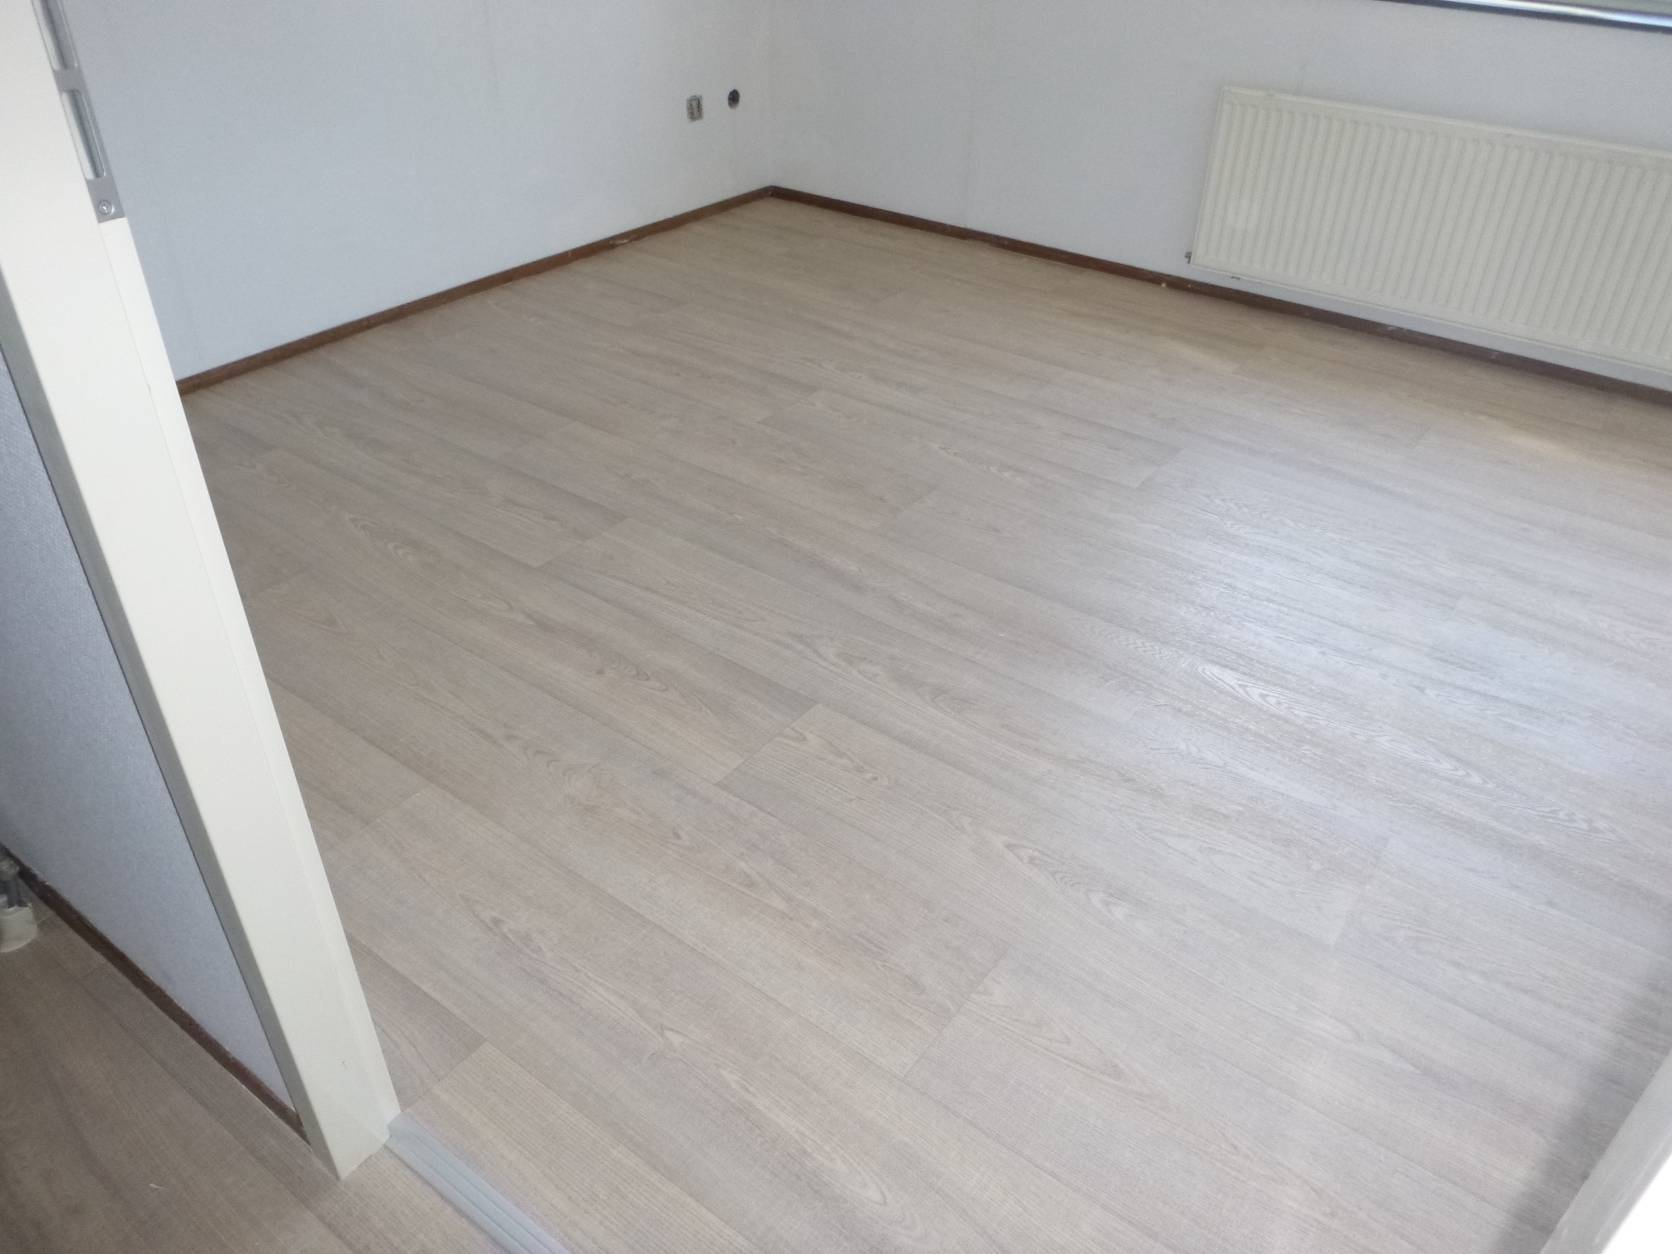 Vinyl vloer kopen binnen pvc vloer tegels geschikt voor alle